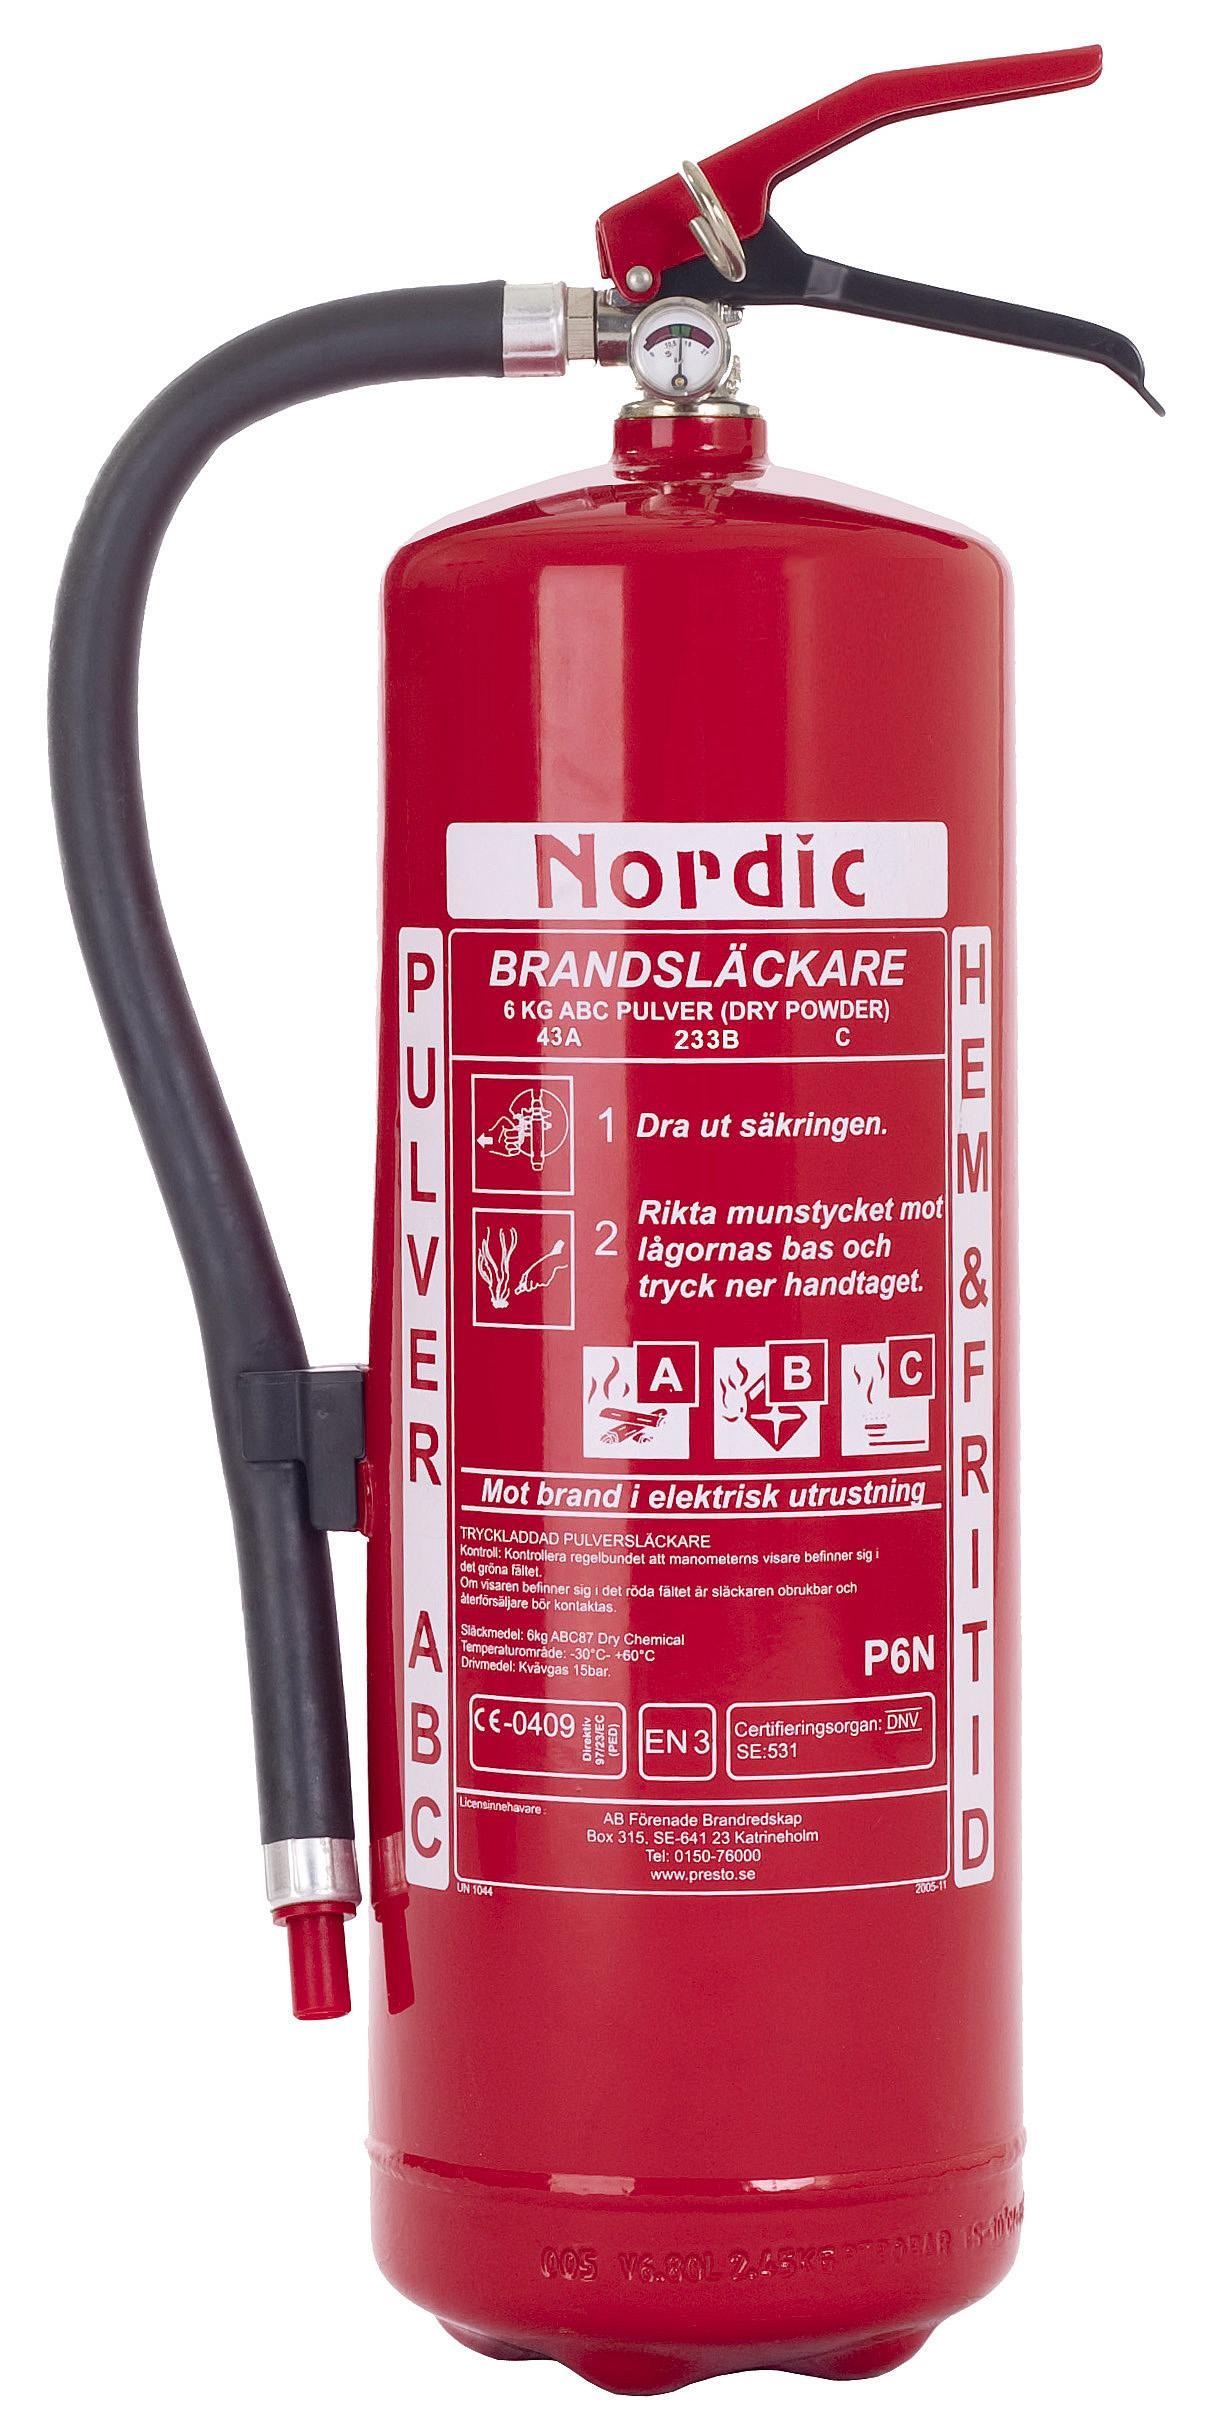 Nordic NY